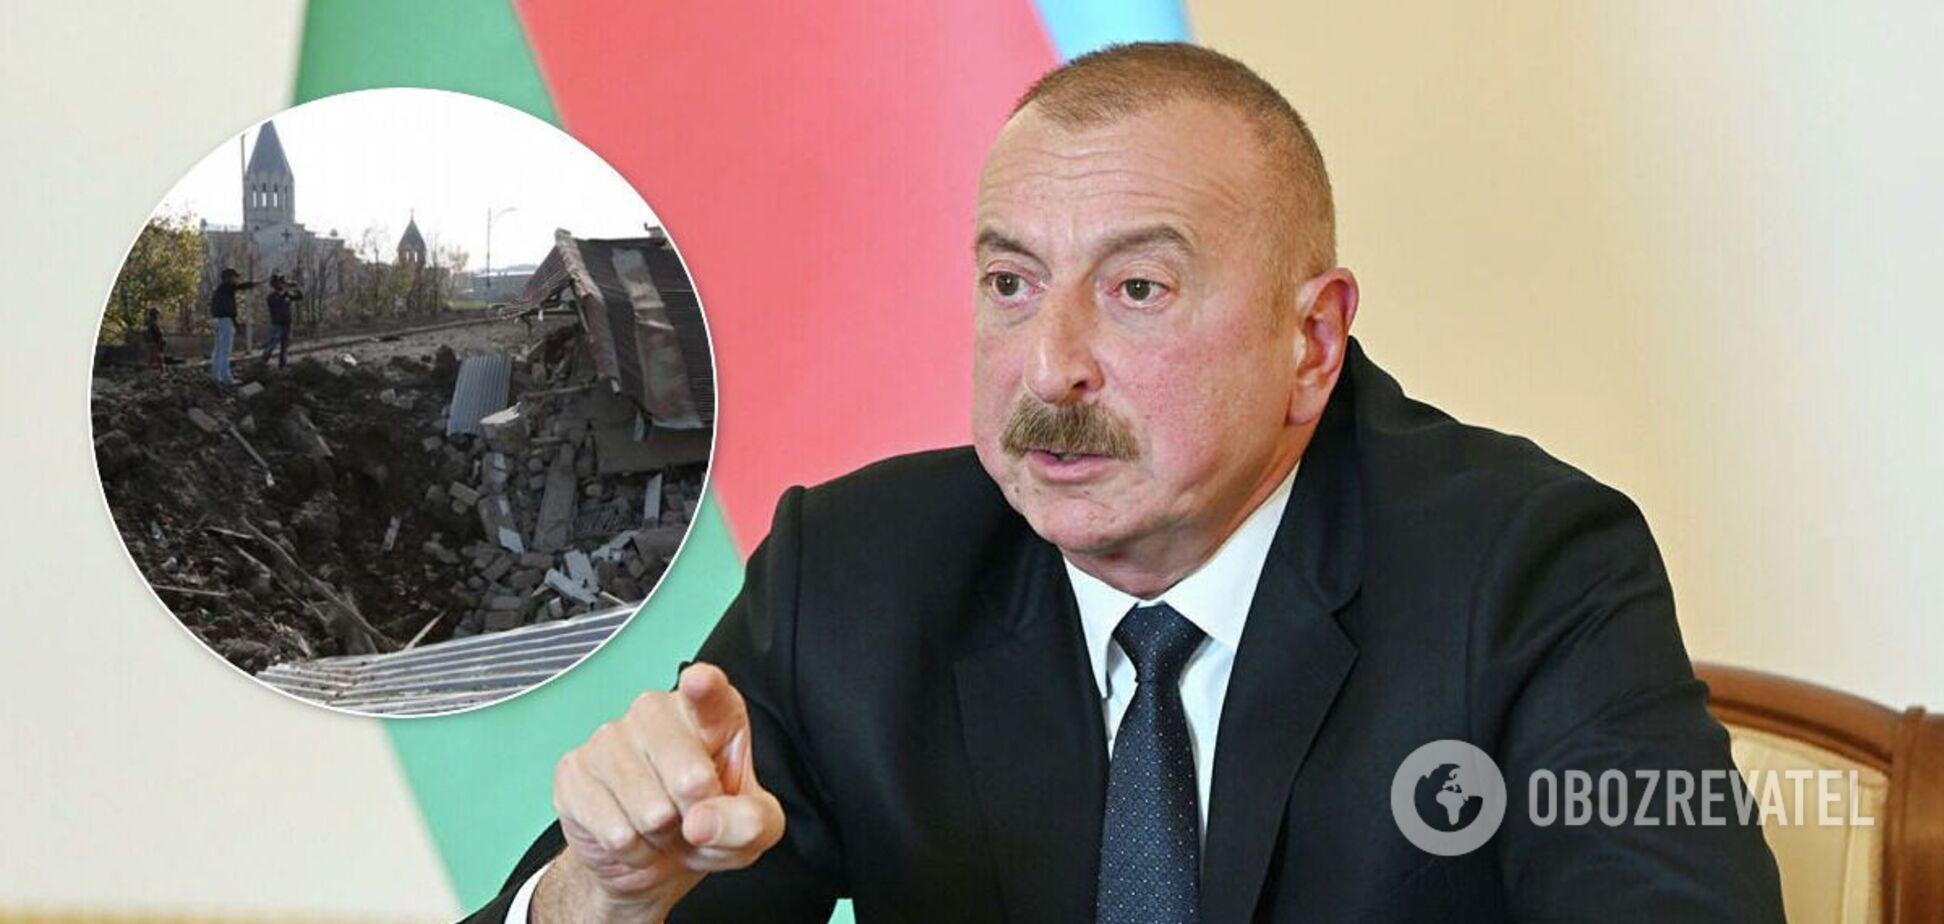 Алієв зажадав від Вірменії відшкодування збитків за 30 років війни в Карабасі